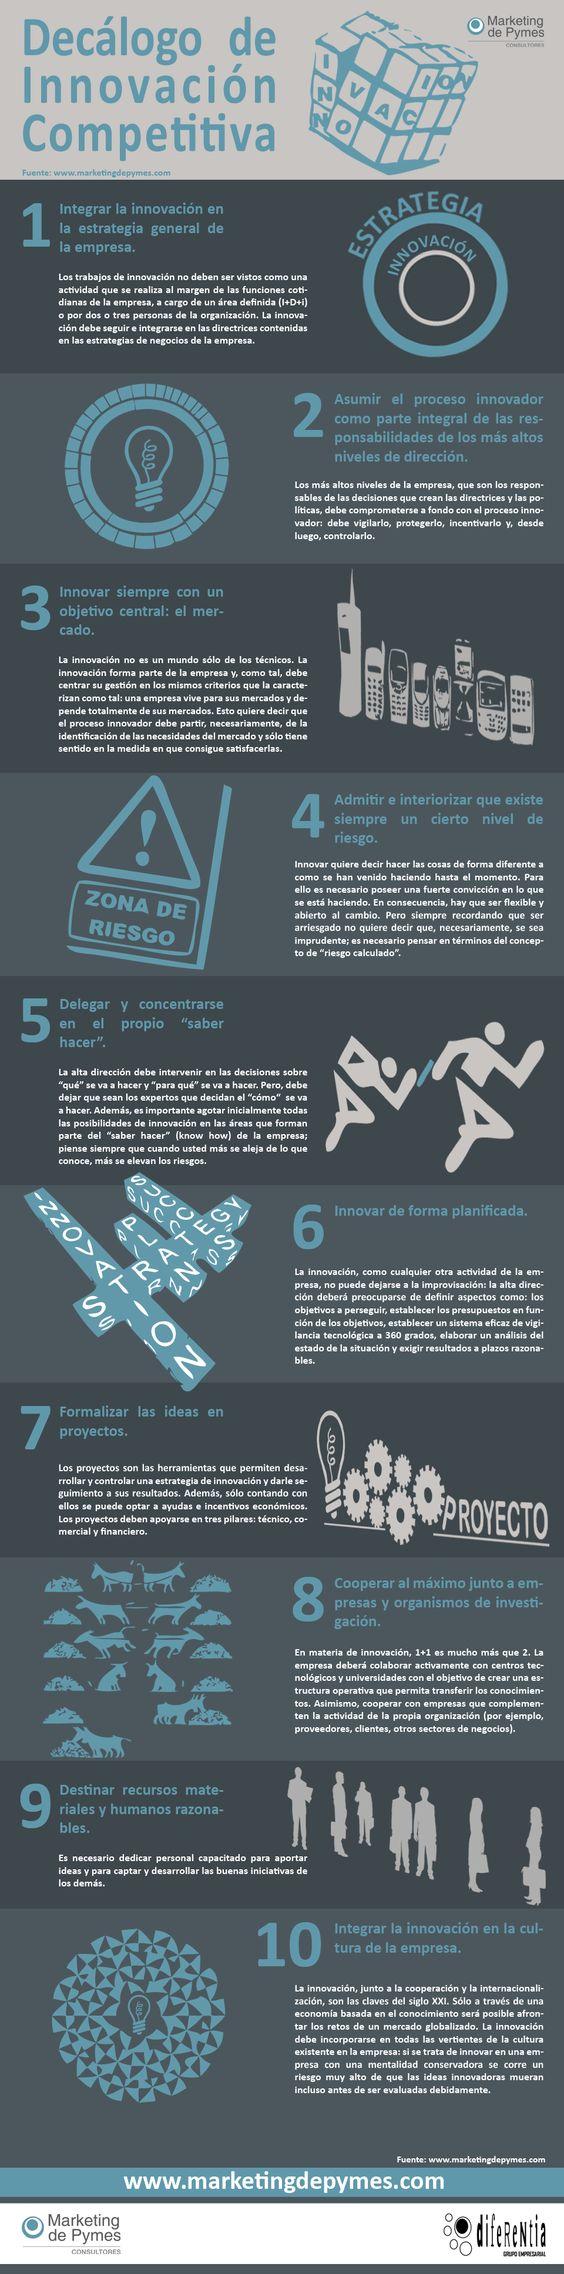 Decálogo de la innovación competitiva #infografia #infographic #marketing